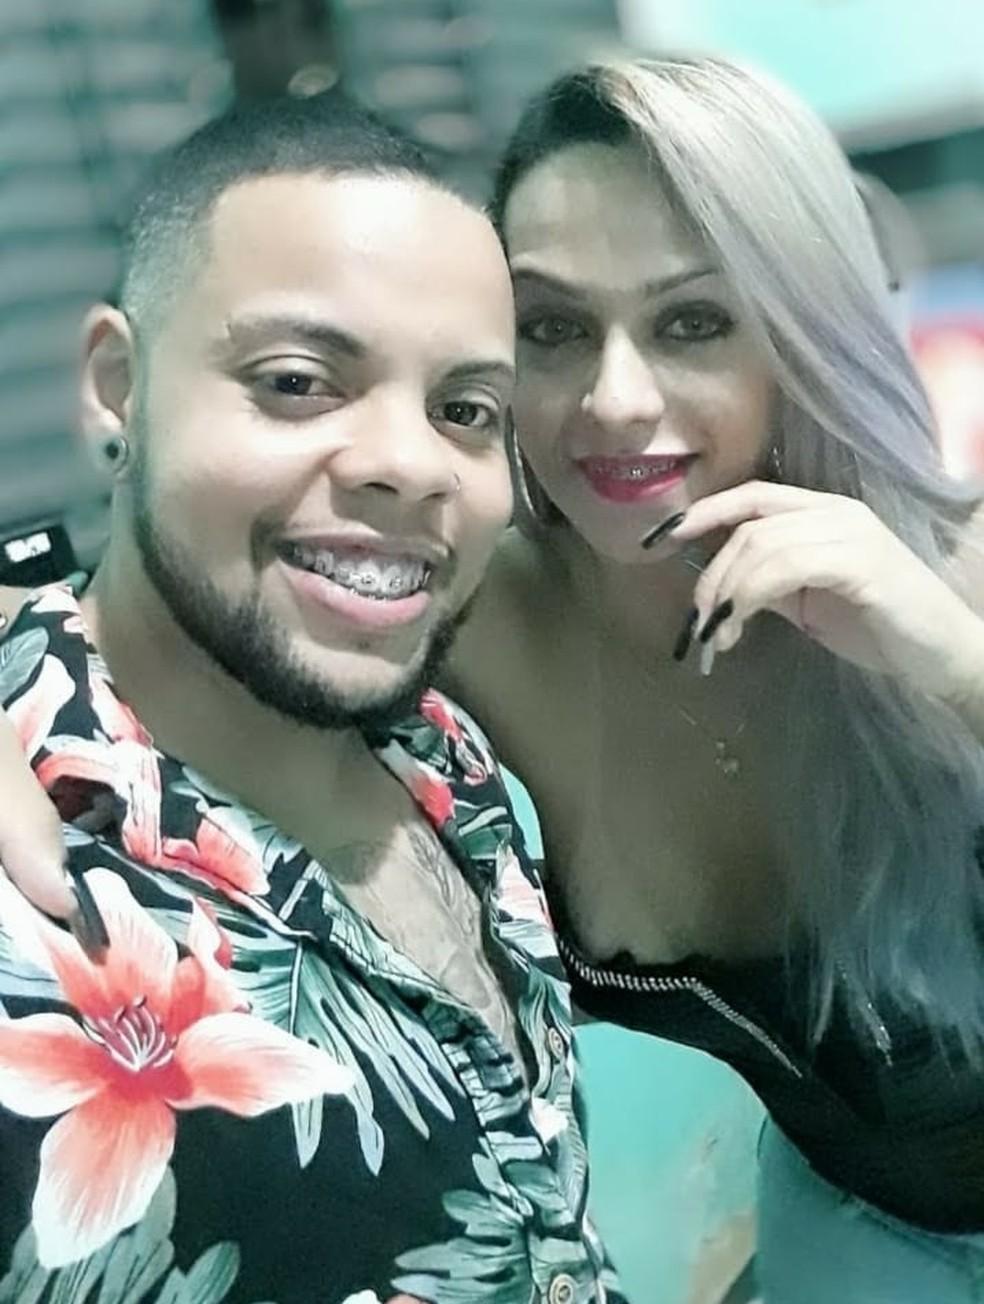 Rodrigo e Ellen se conheceram na internet e a foto foi tirada quando eles se encontraram pessoalmente pela primeira vez — Foto: Arquivo pessoal